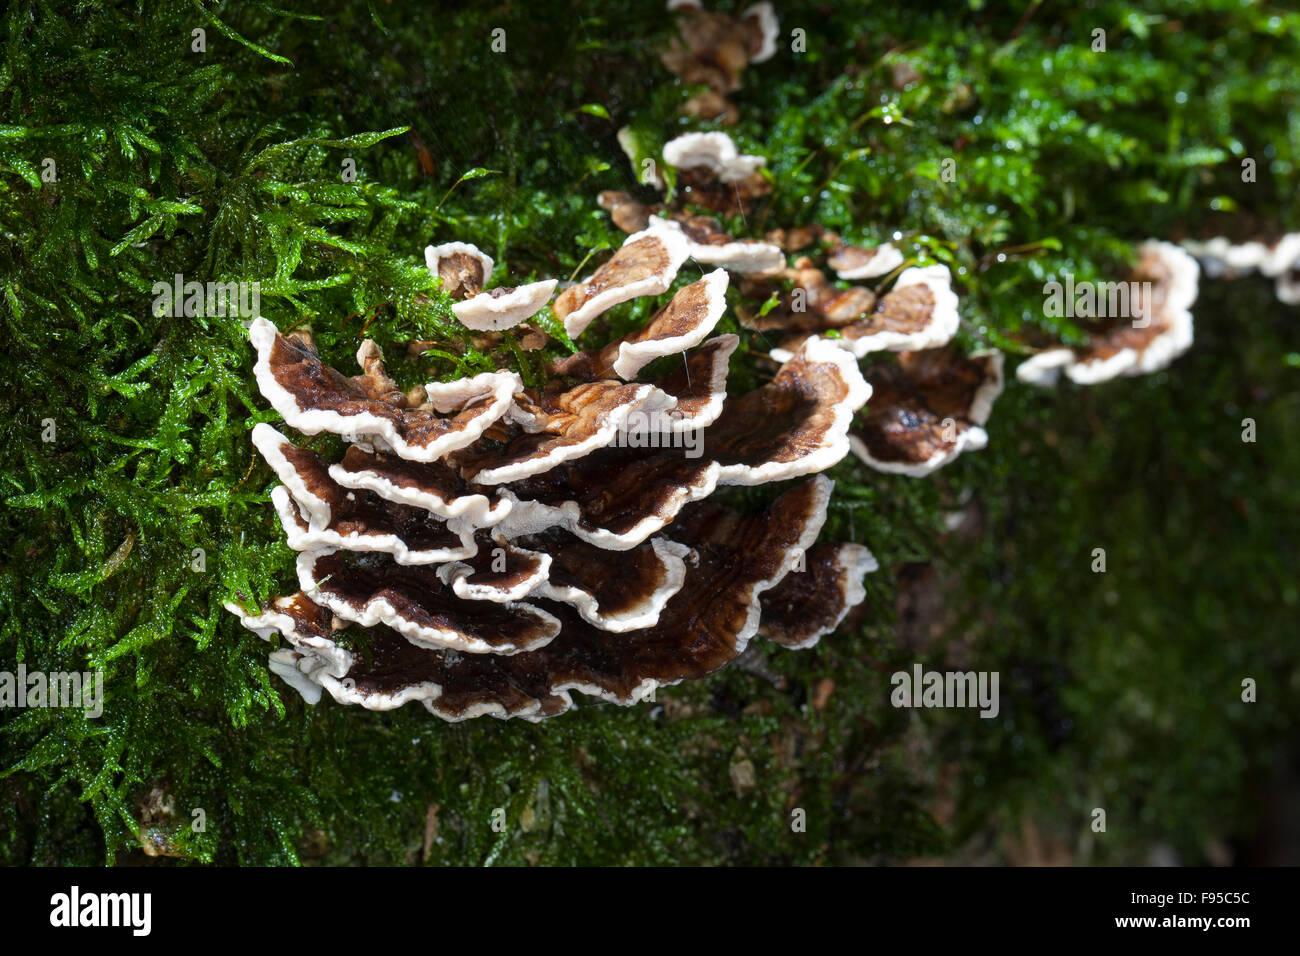 La Turchia di coda, Turkeytail, Schmetterlings-Tramete, Schmetterlingstramete, Tramete Bunte, Trametes versicolor, Immagini Stock